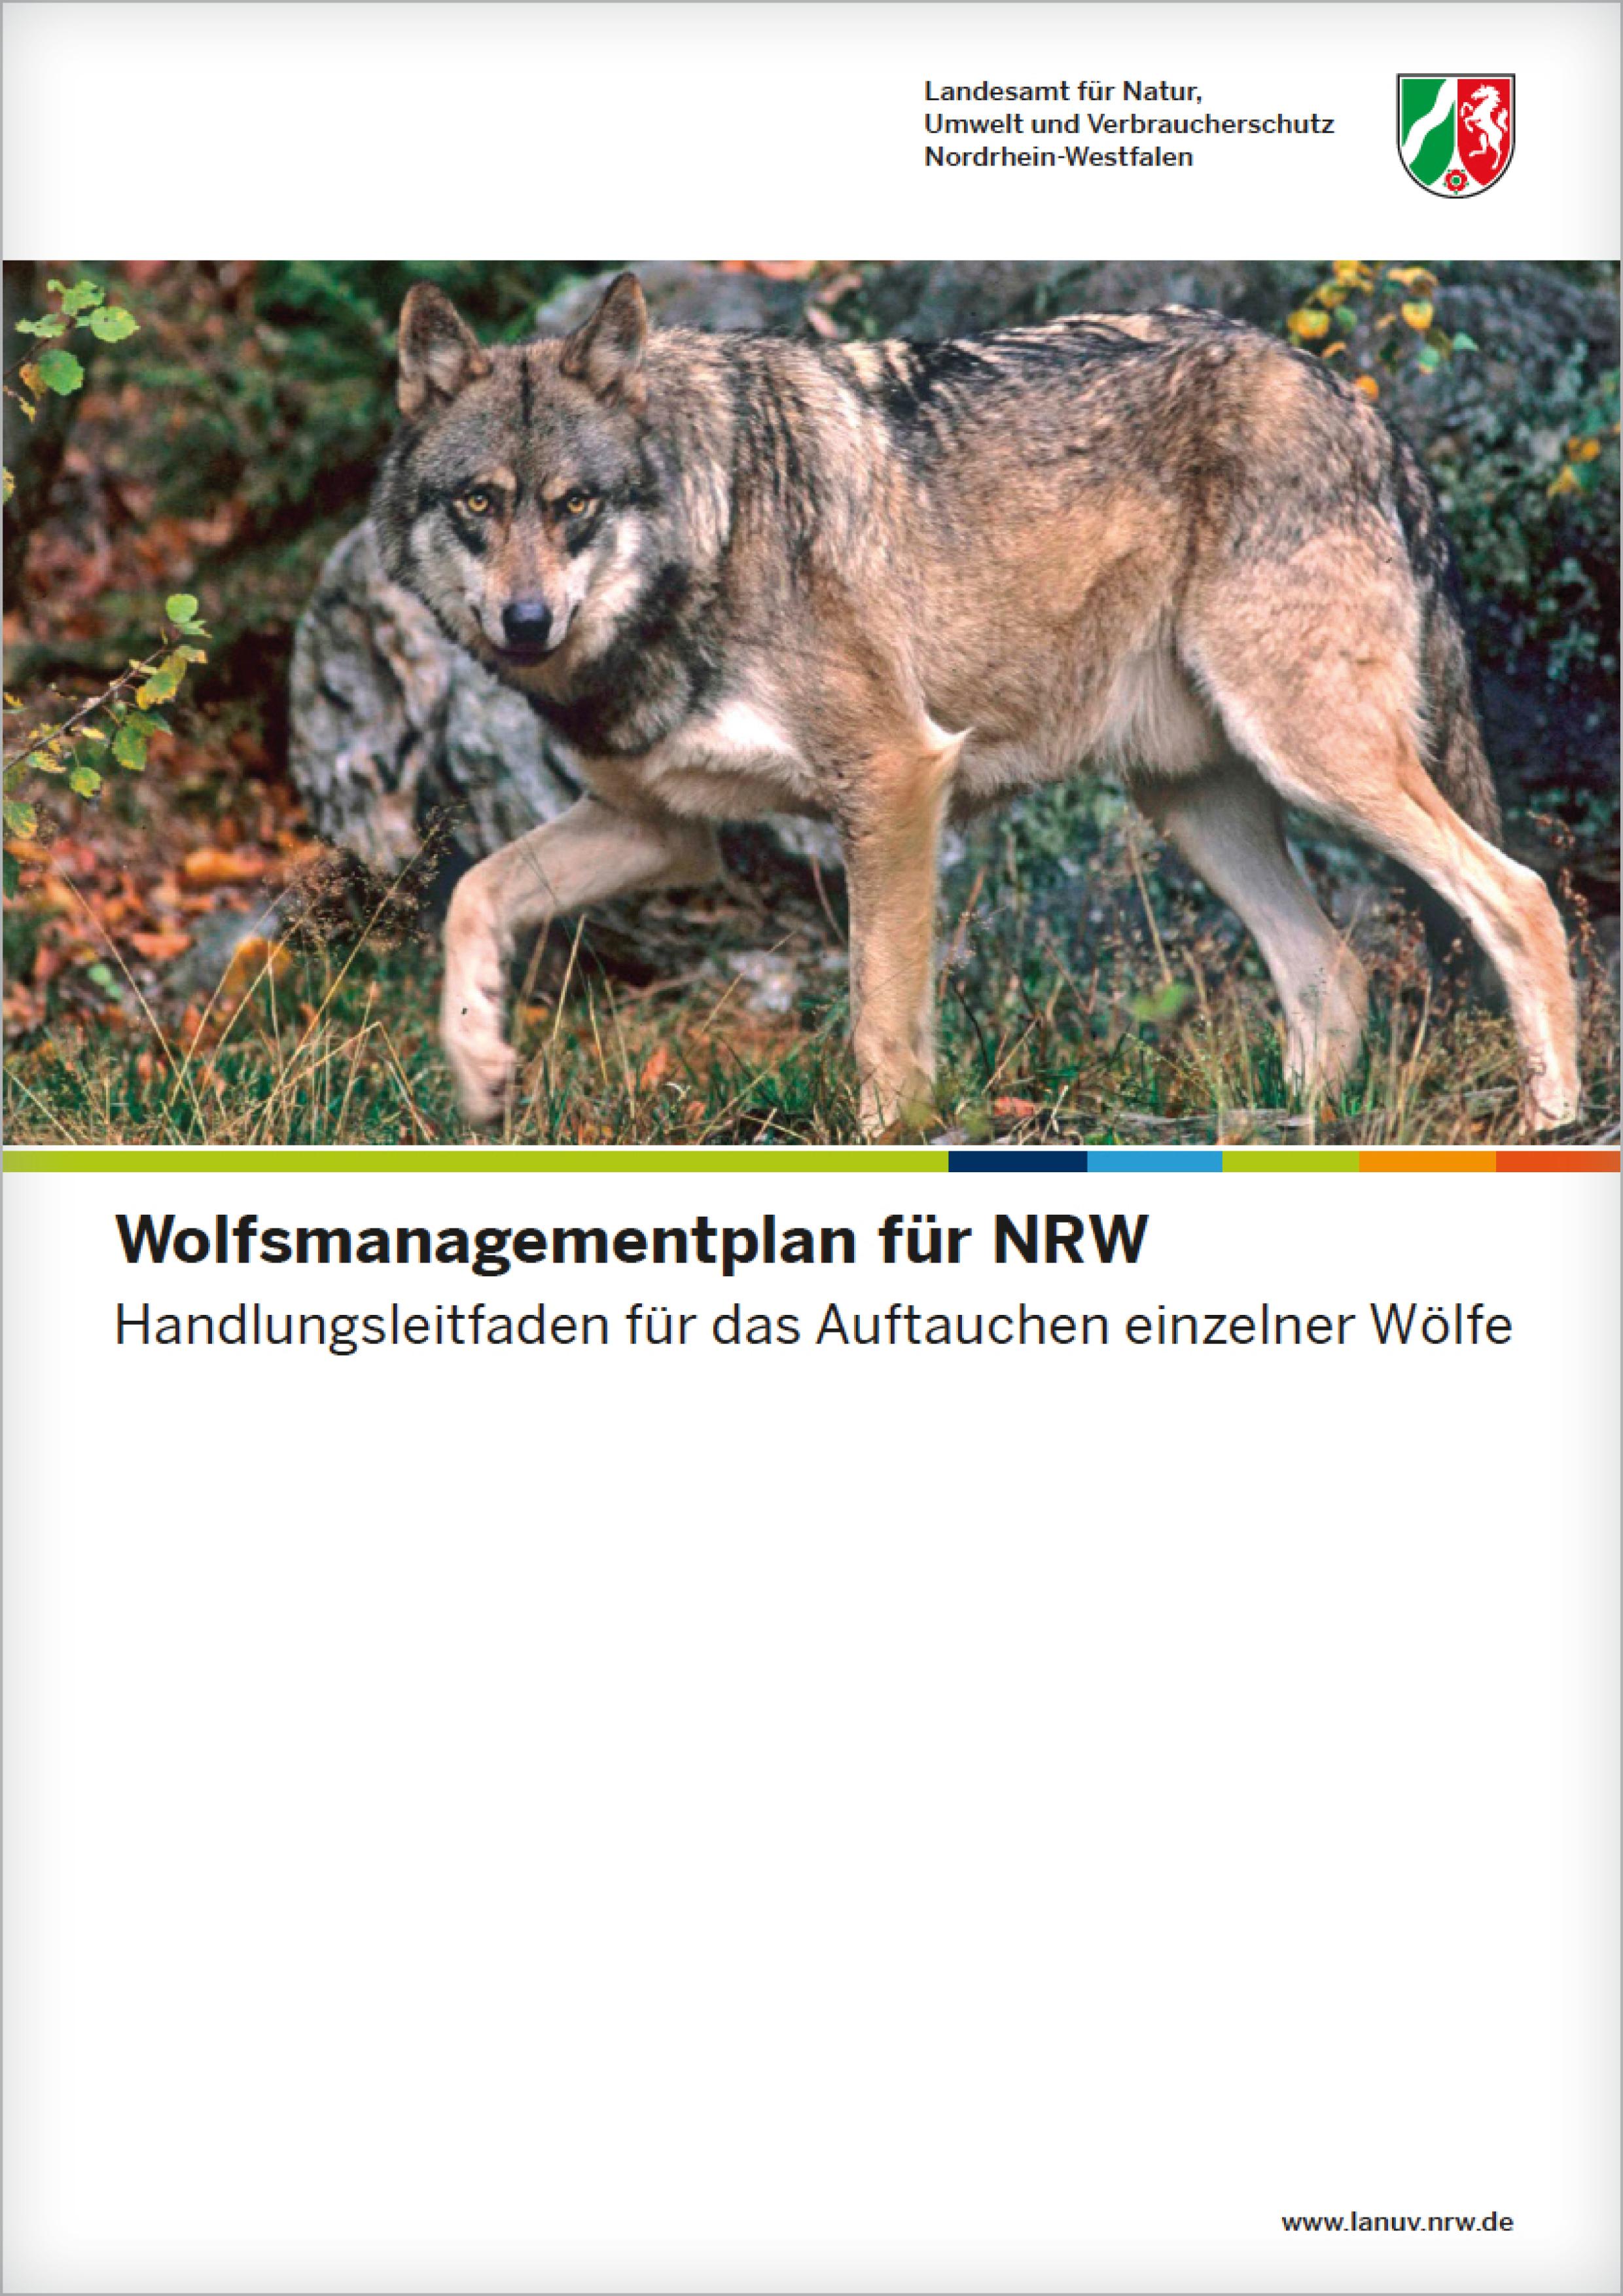 Wolfsmanagementplan-NRW